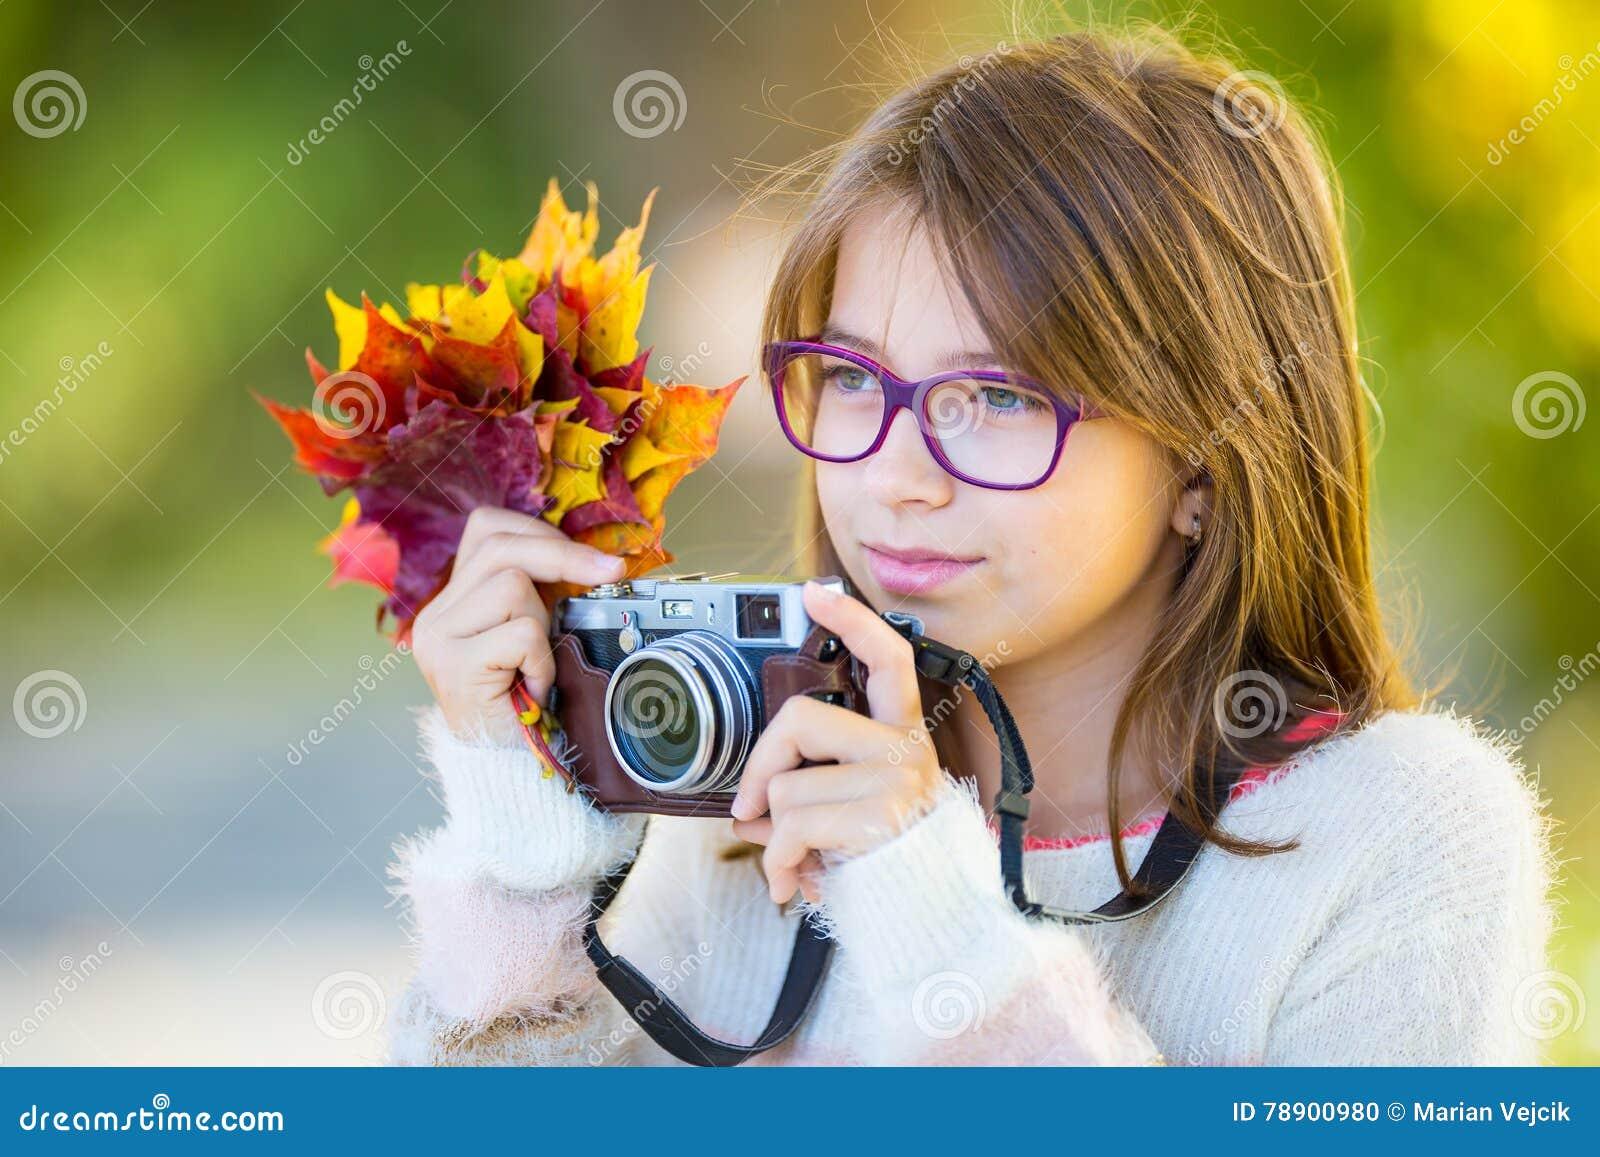 Autumn Time La chica joven linda atractiva adolescente con el ramo del otoño y la cámara retra Estación del otoño del fotógrafo d